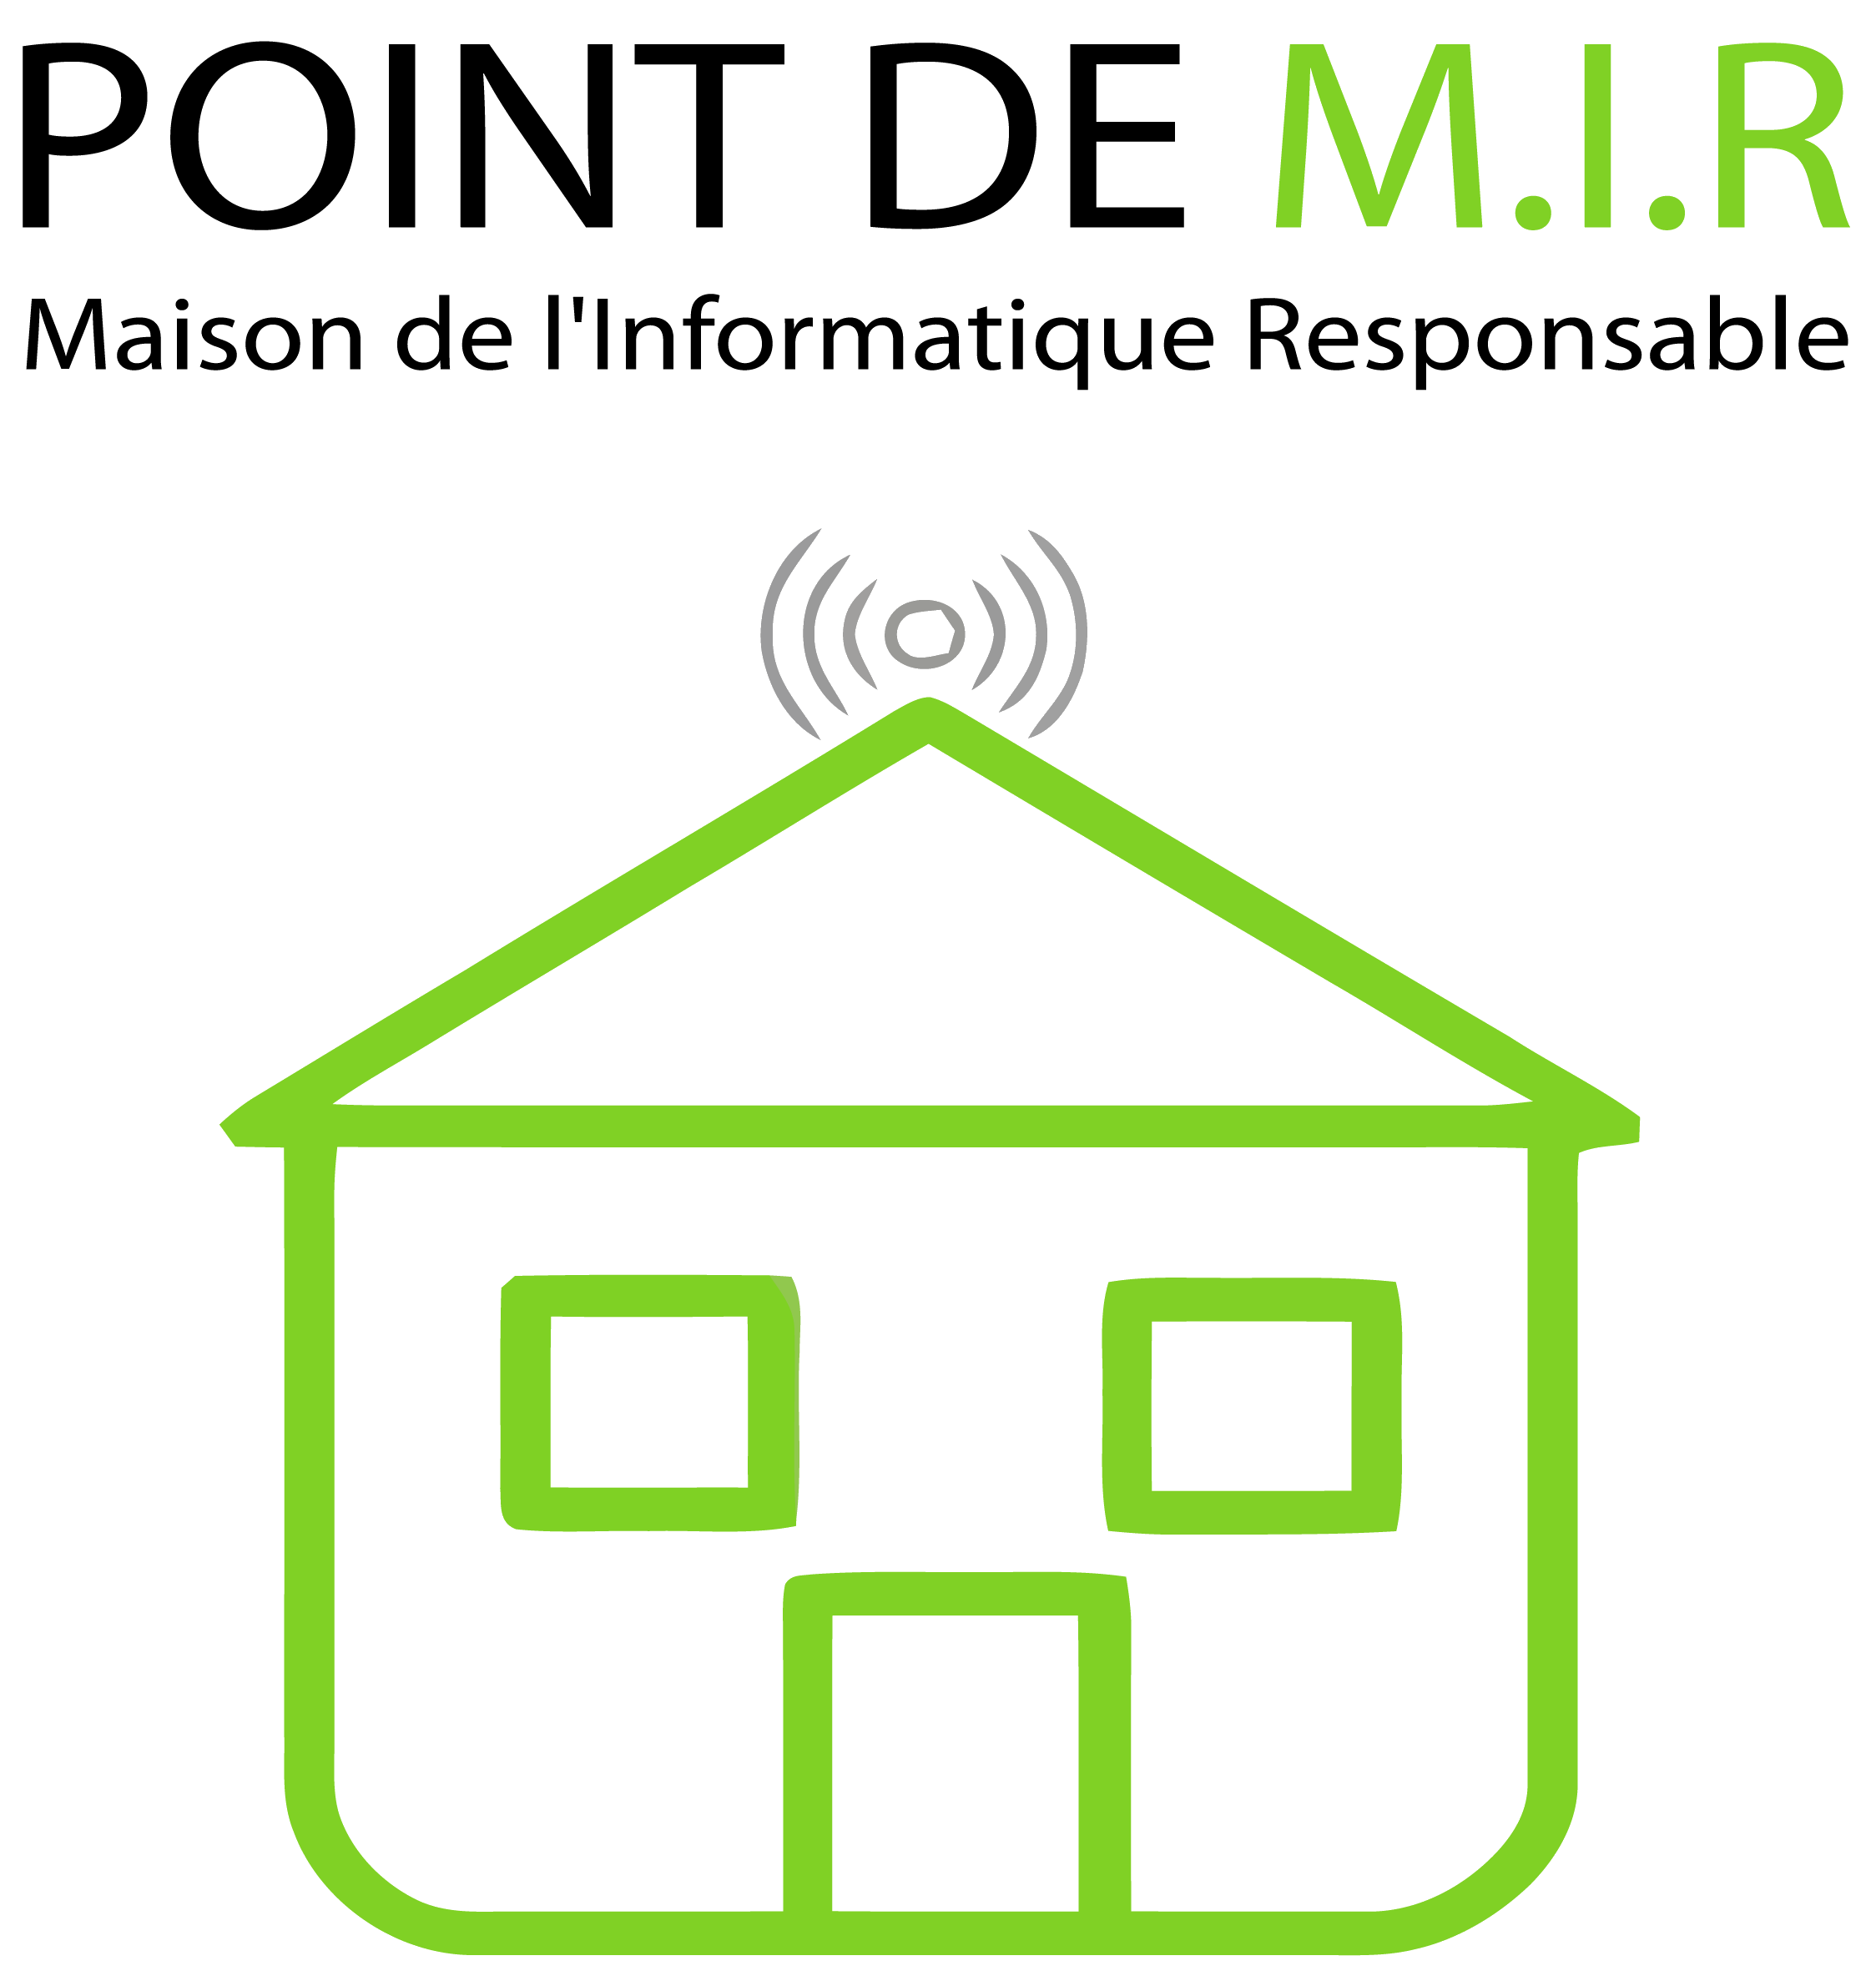 Point de MIR Maison de l'Informatique Responsable (nouvelle fenêtre)